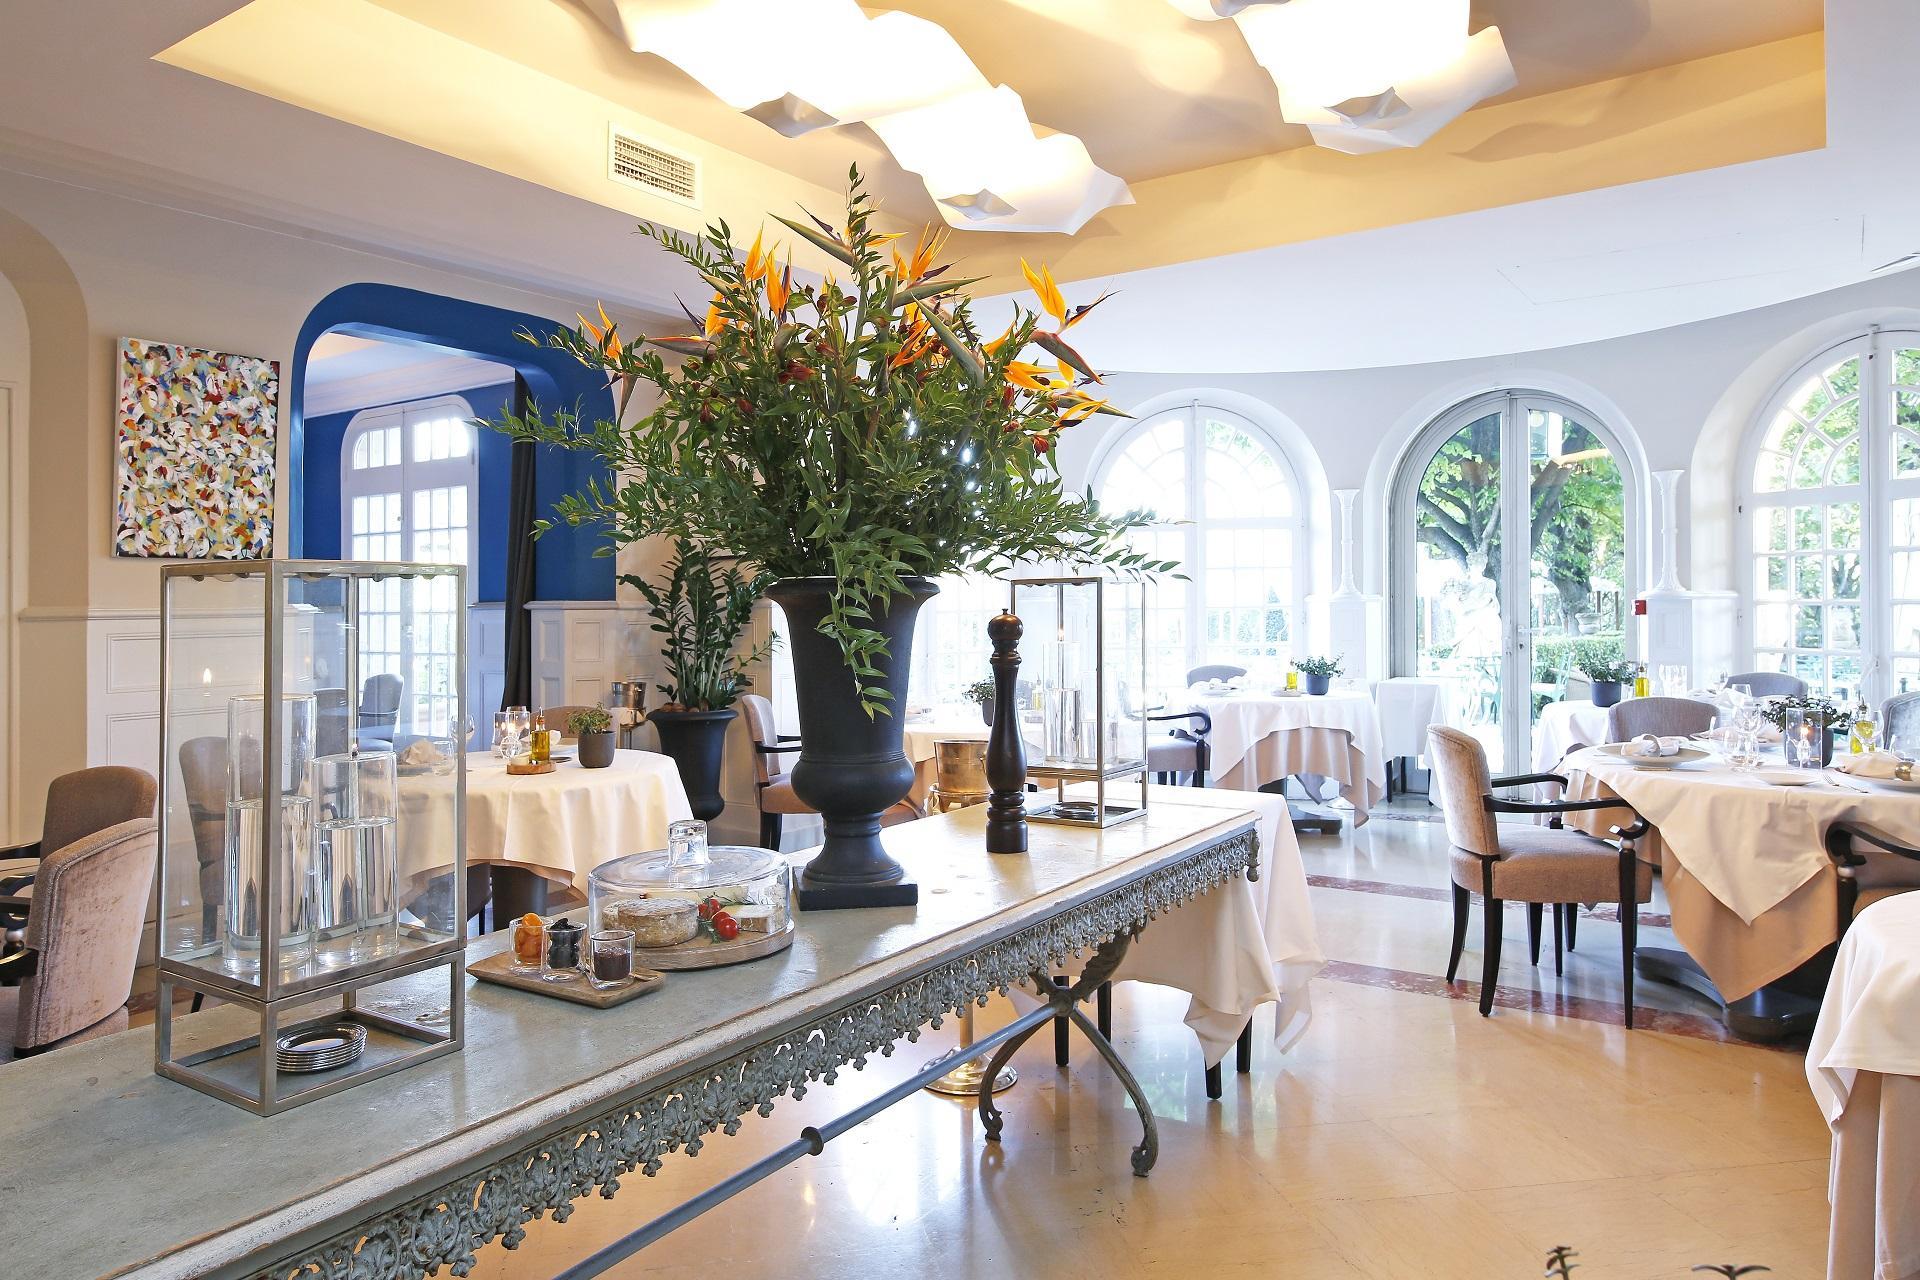 le-pigonnet-aix-en-provence-sainte-victoire-restaurant-seminaires-de-caractere